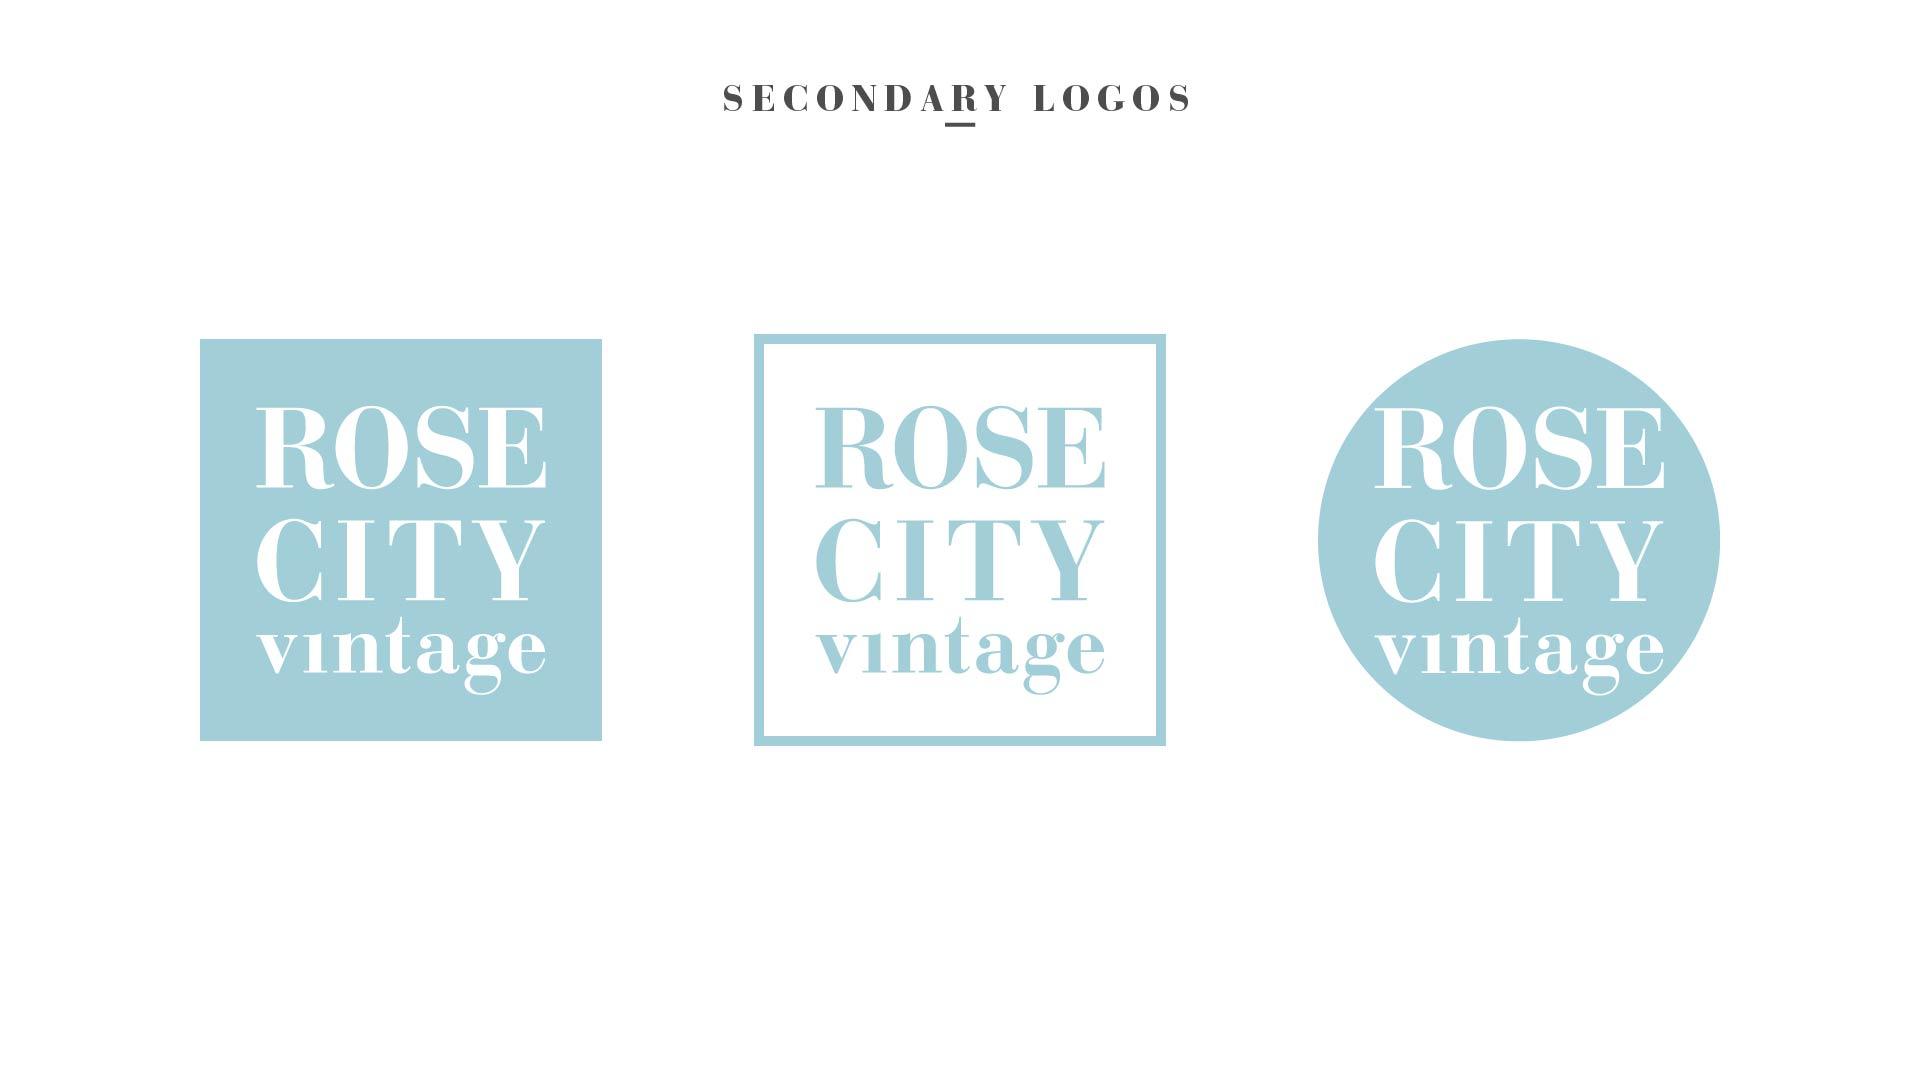 2 brand logo variations